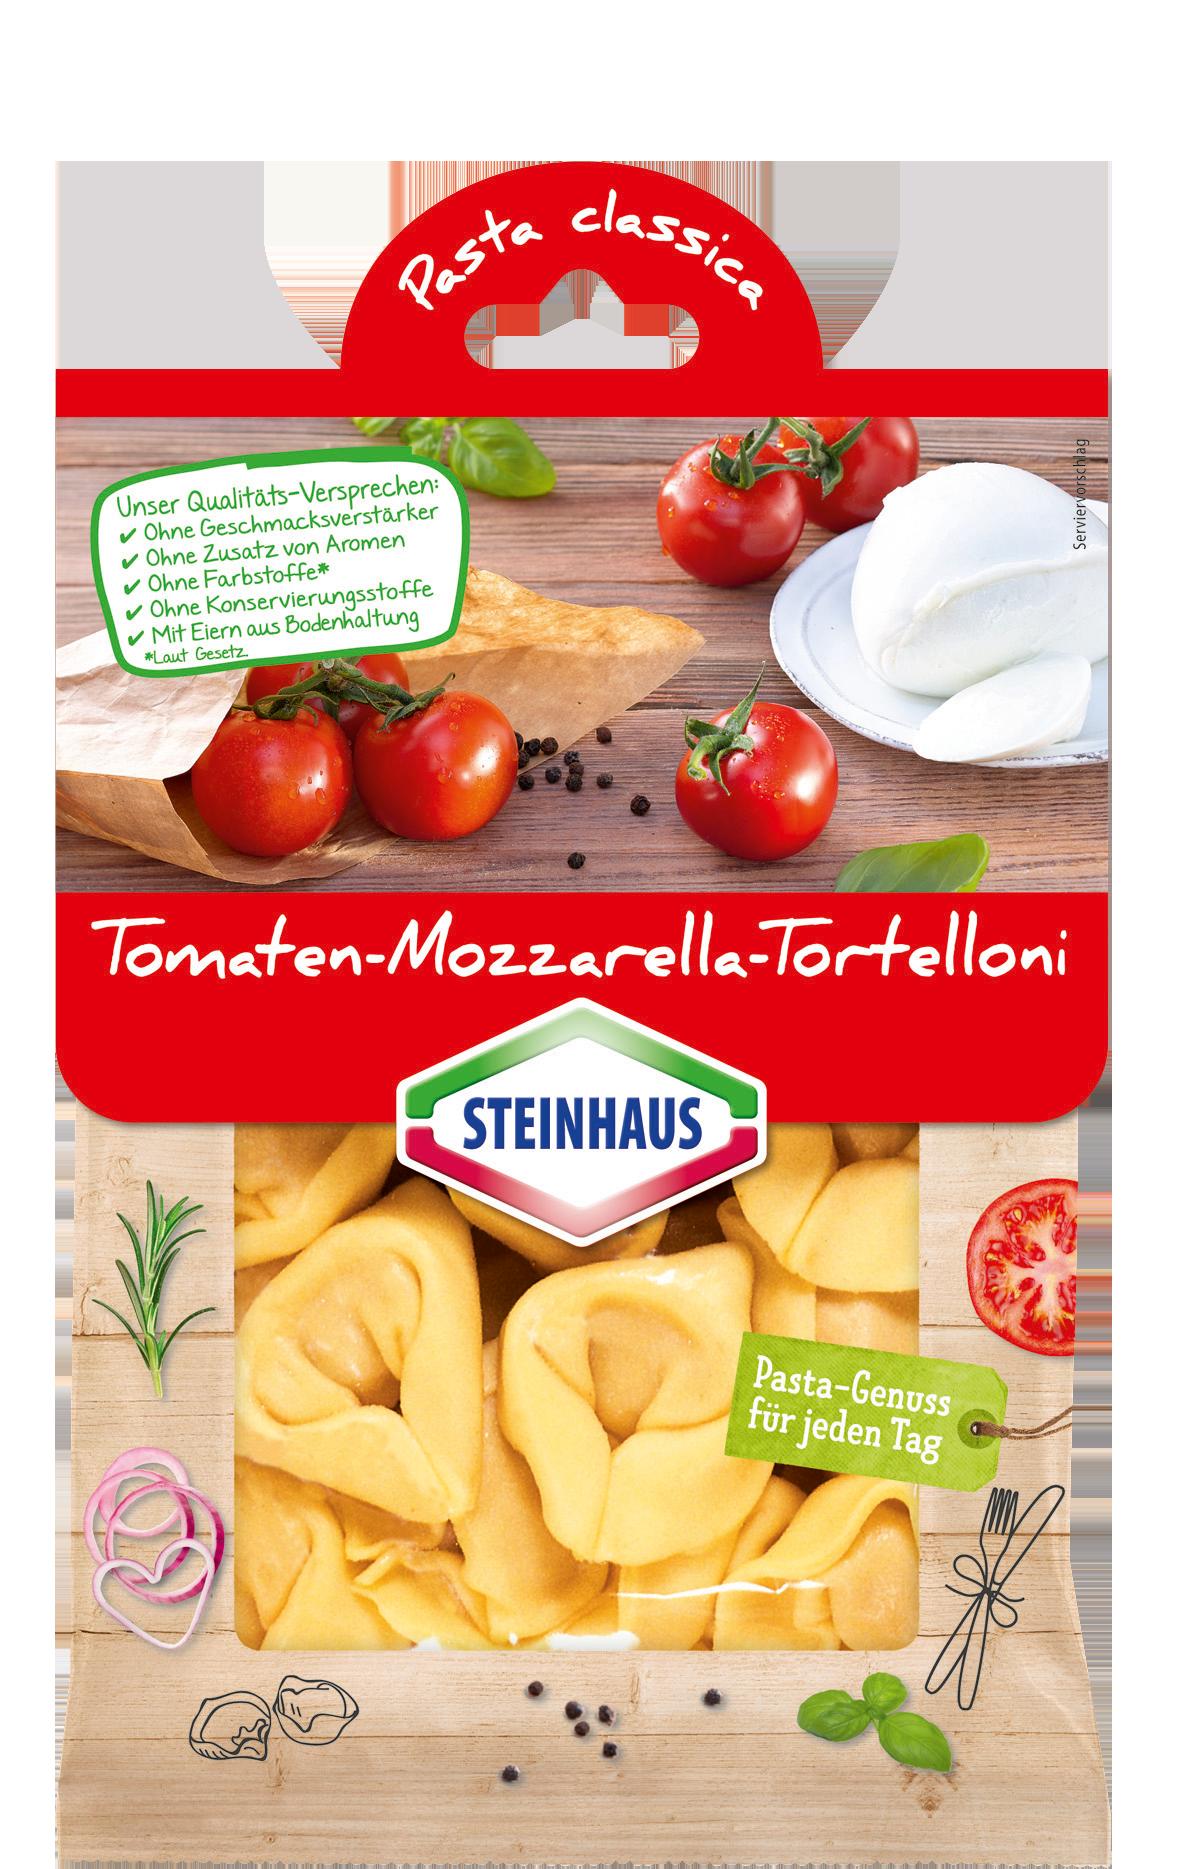 Tomaten-Mozzarella-Tortelloni